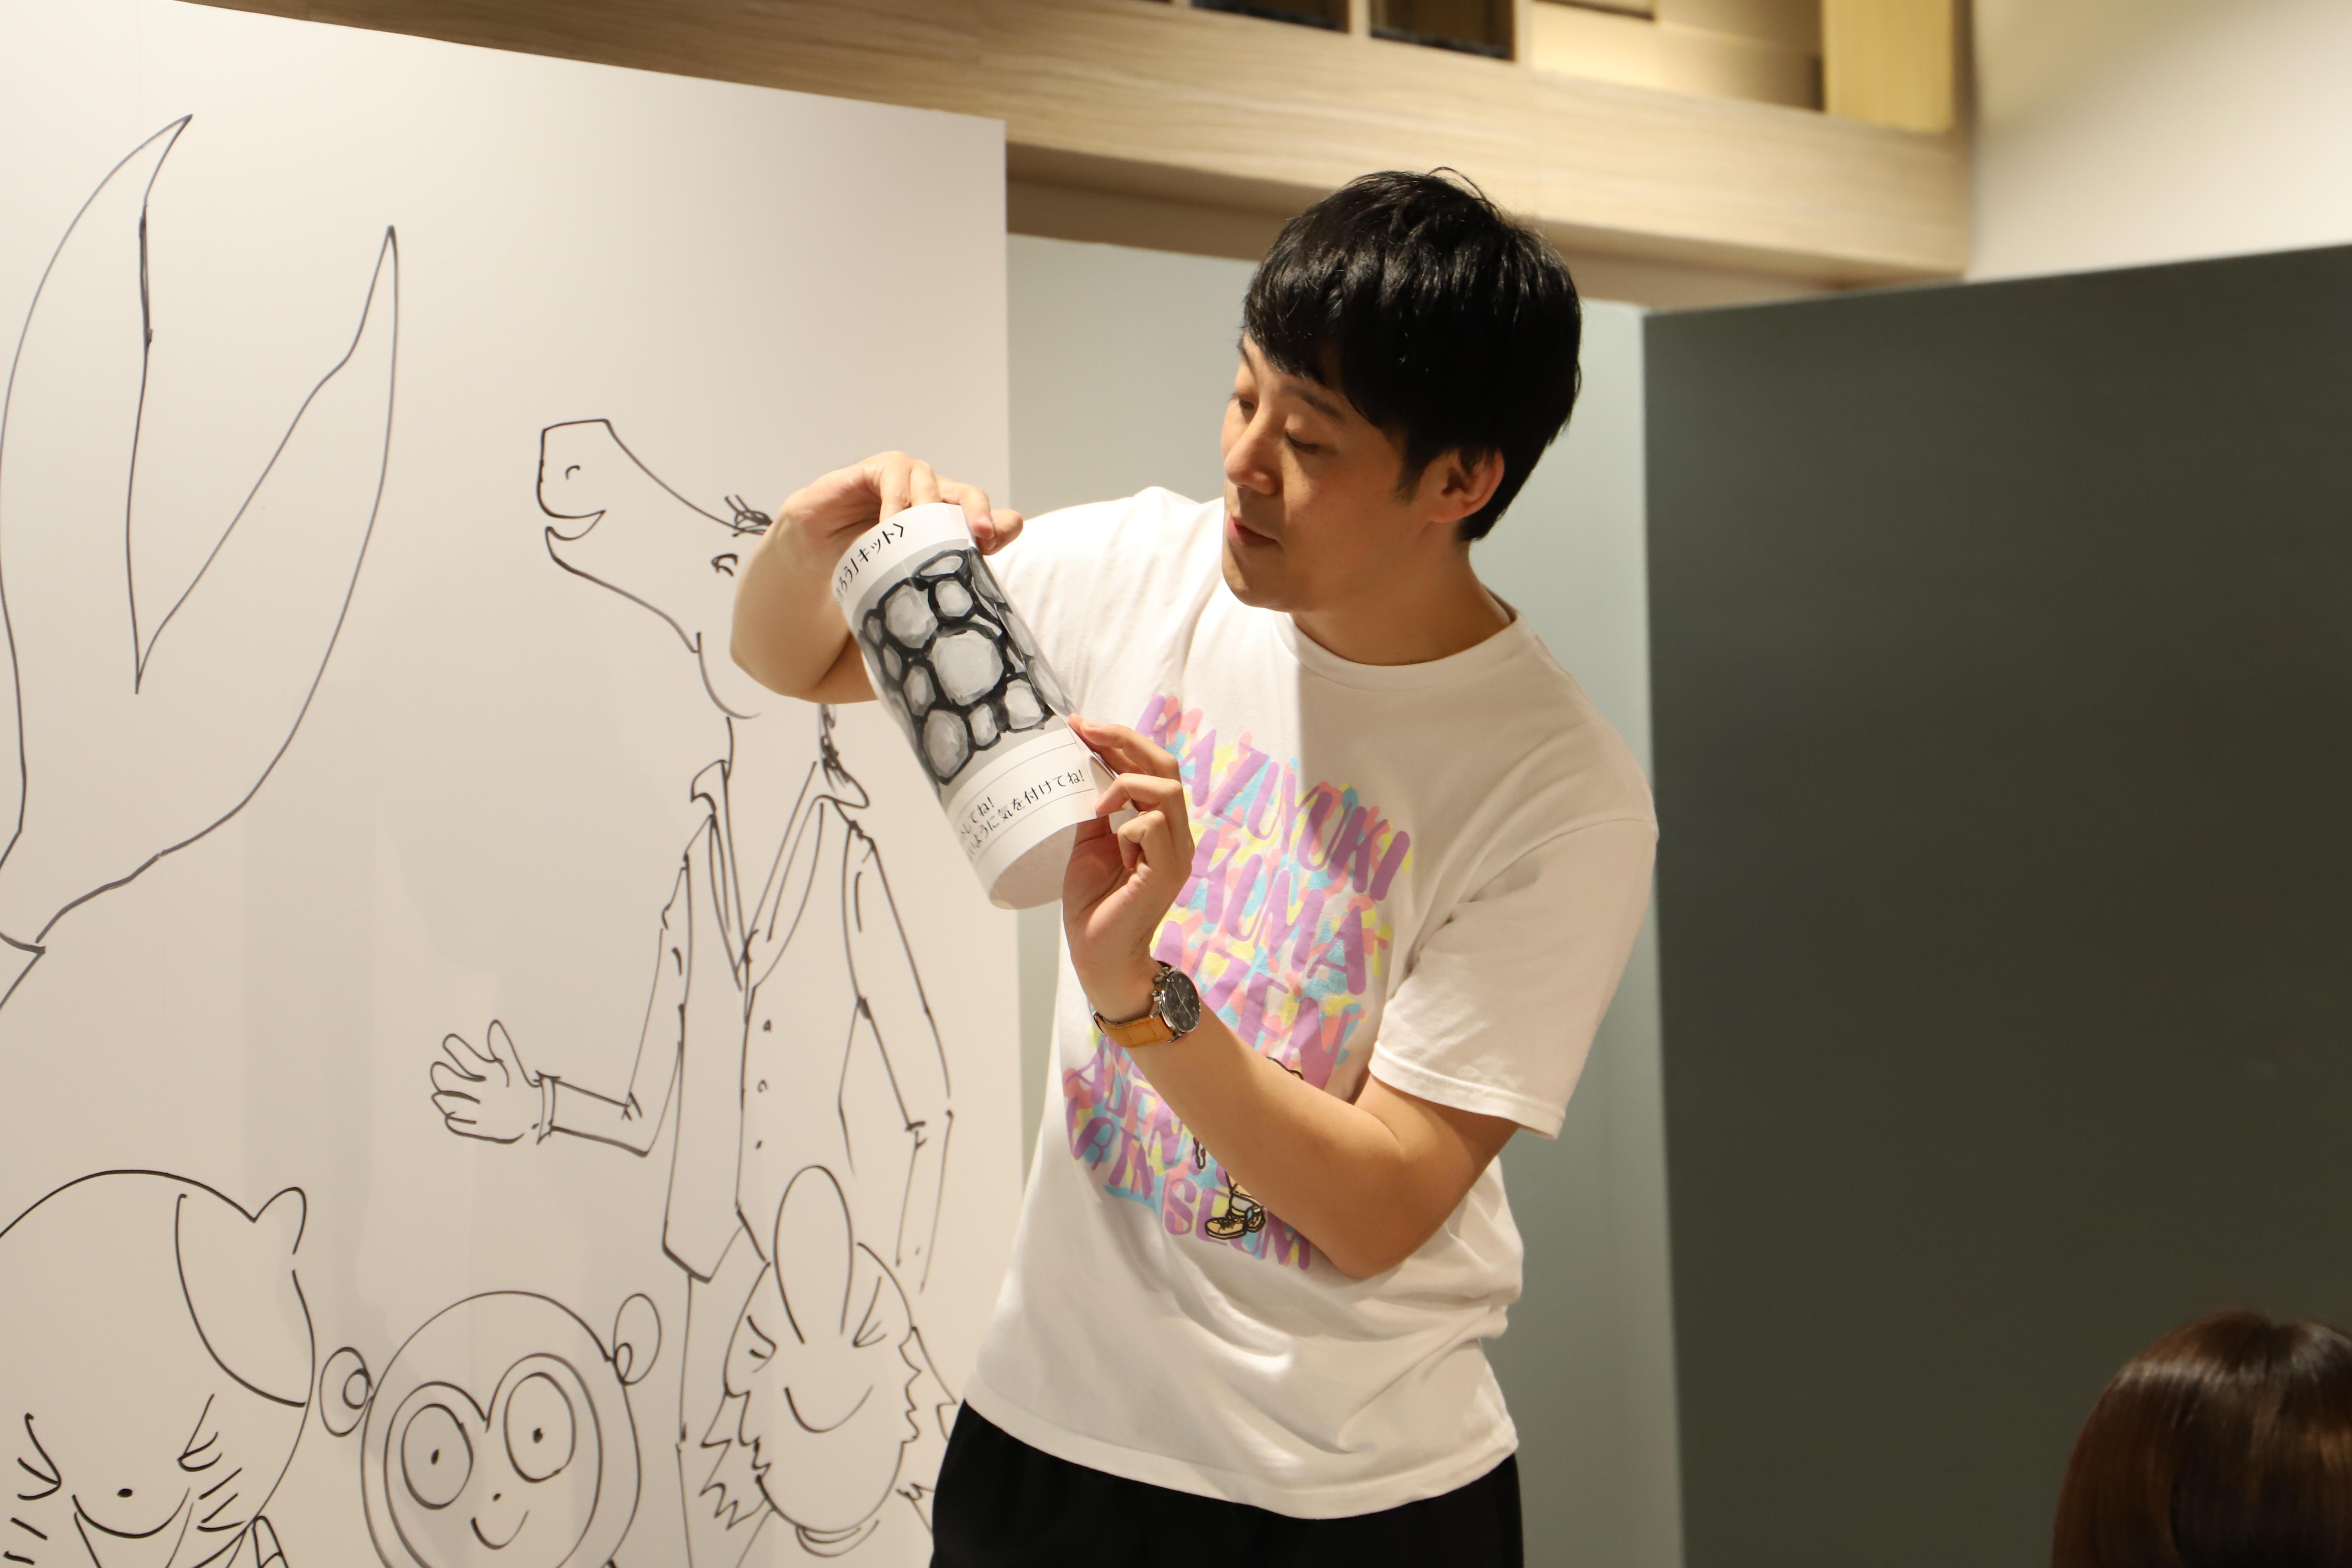 http://news.yoshimoto.co.jp/20180429220552-3c83e4e581ac59a8770abcc300e2b8849b928e0d.jpg